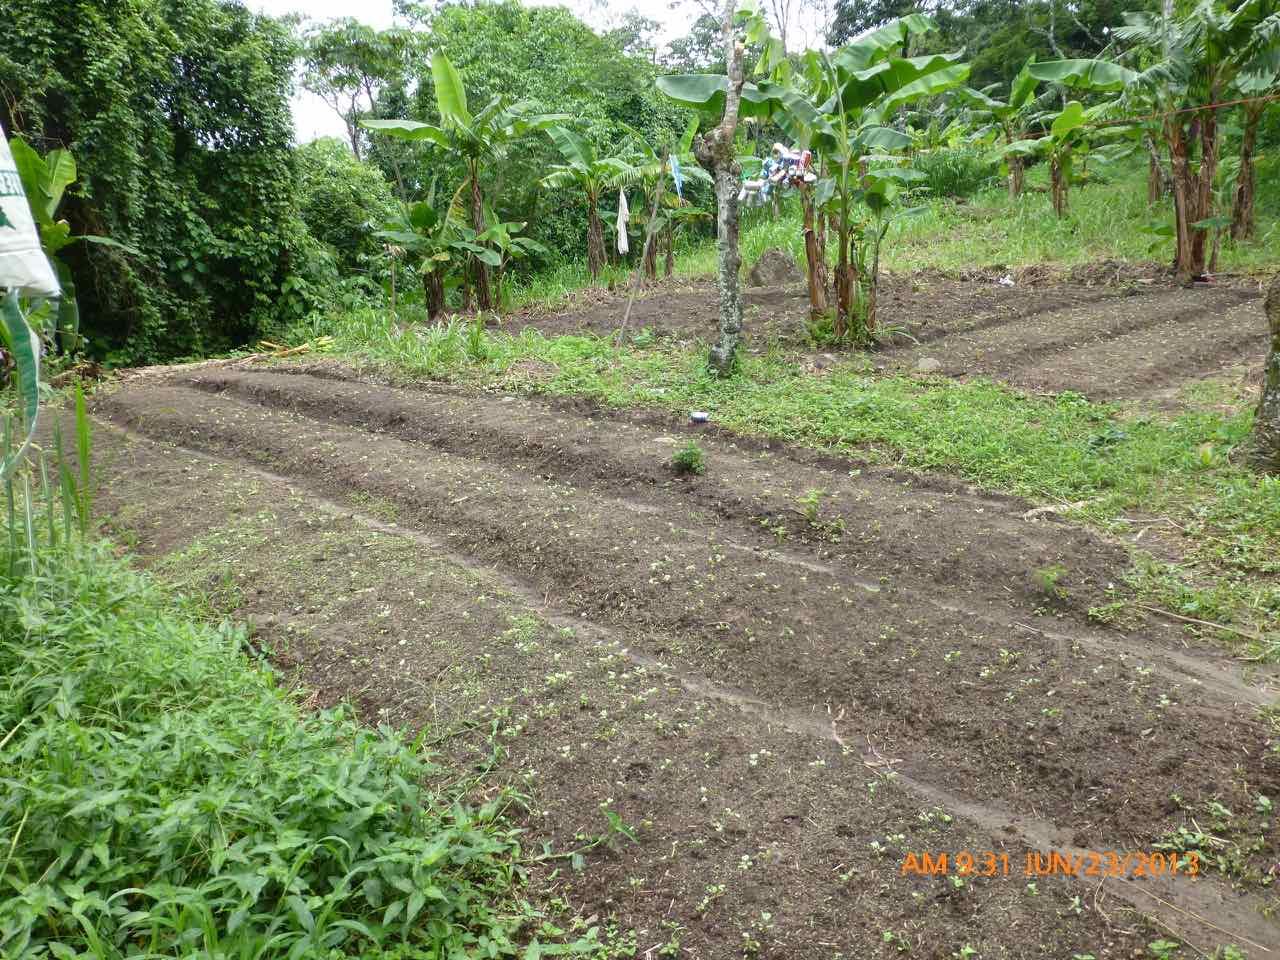 CHUNGALULA FARM